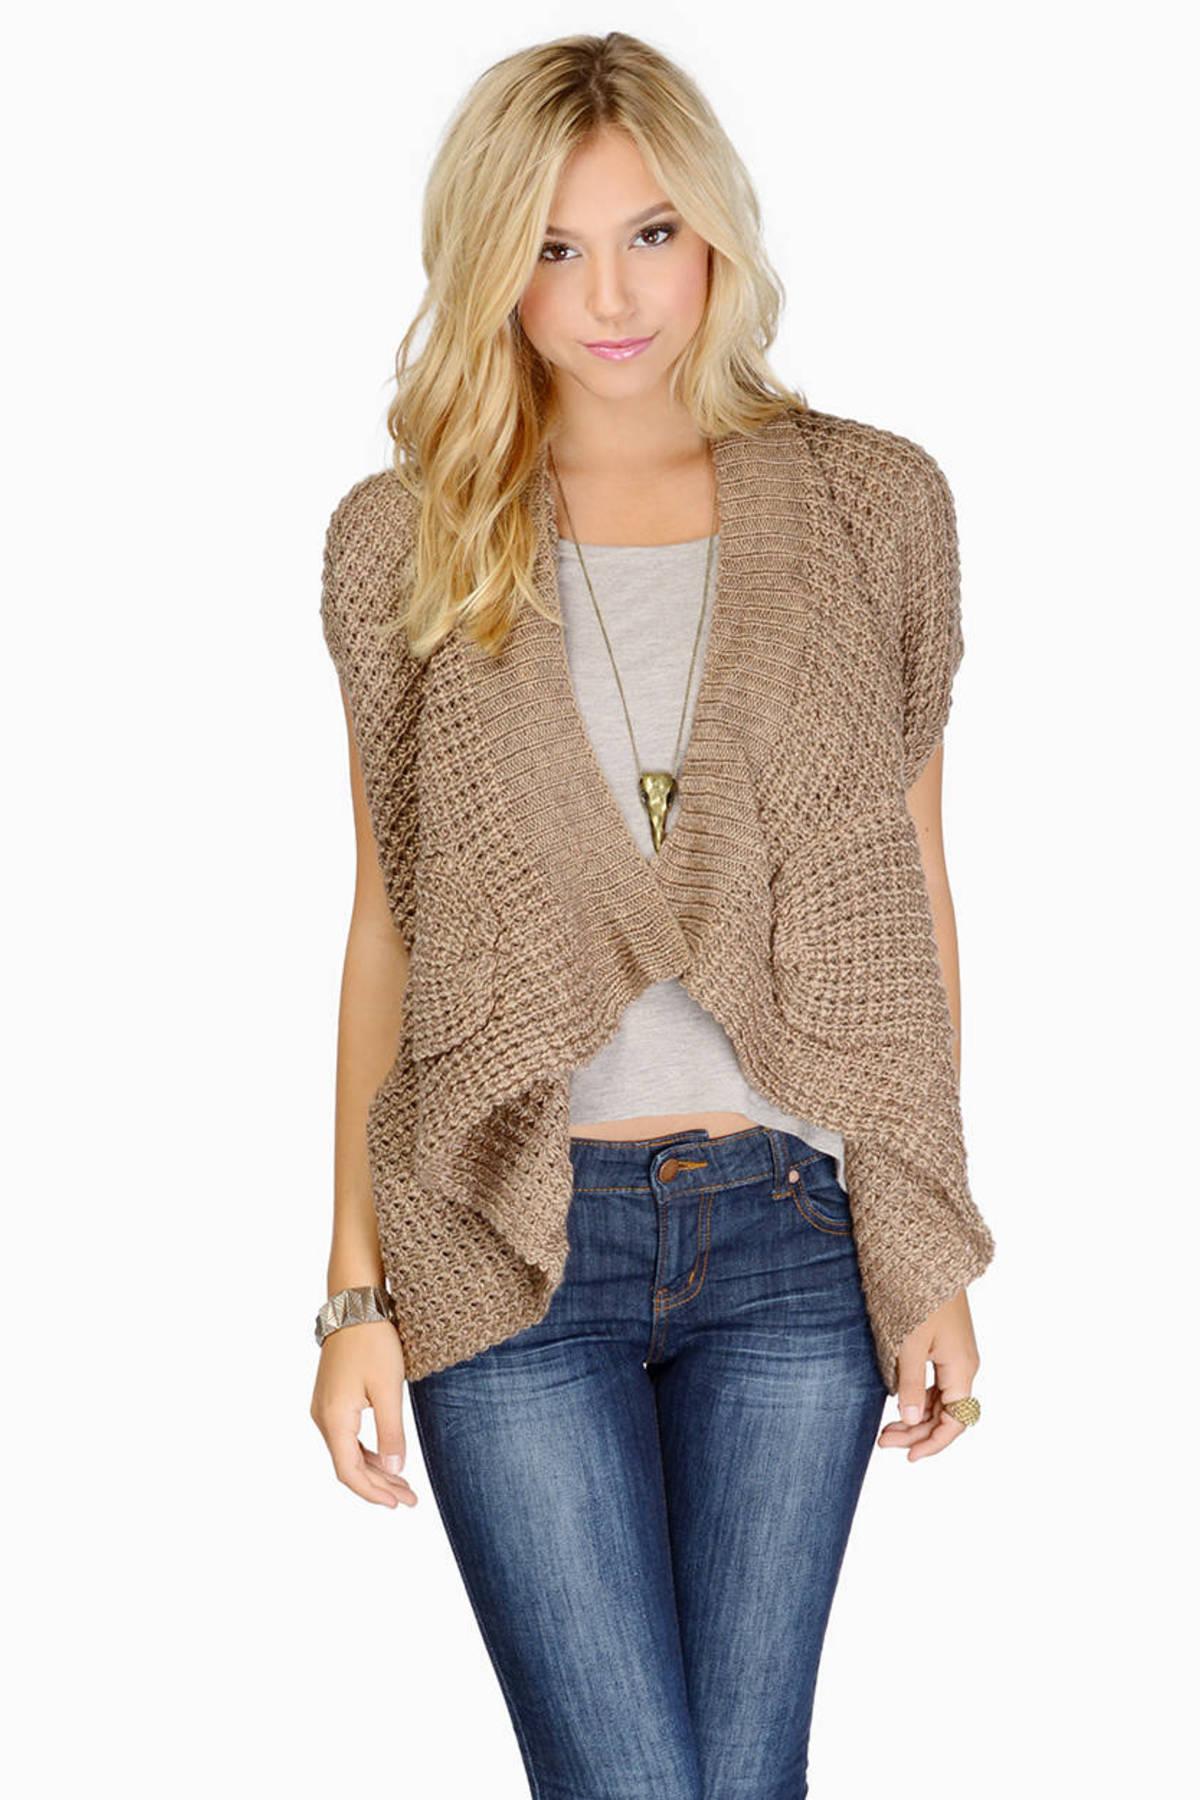 Short Sleeve Cardigan | Shop Short Sleeve Cardigan at Tobi | Price ...